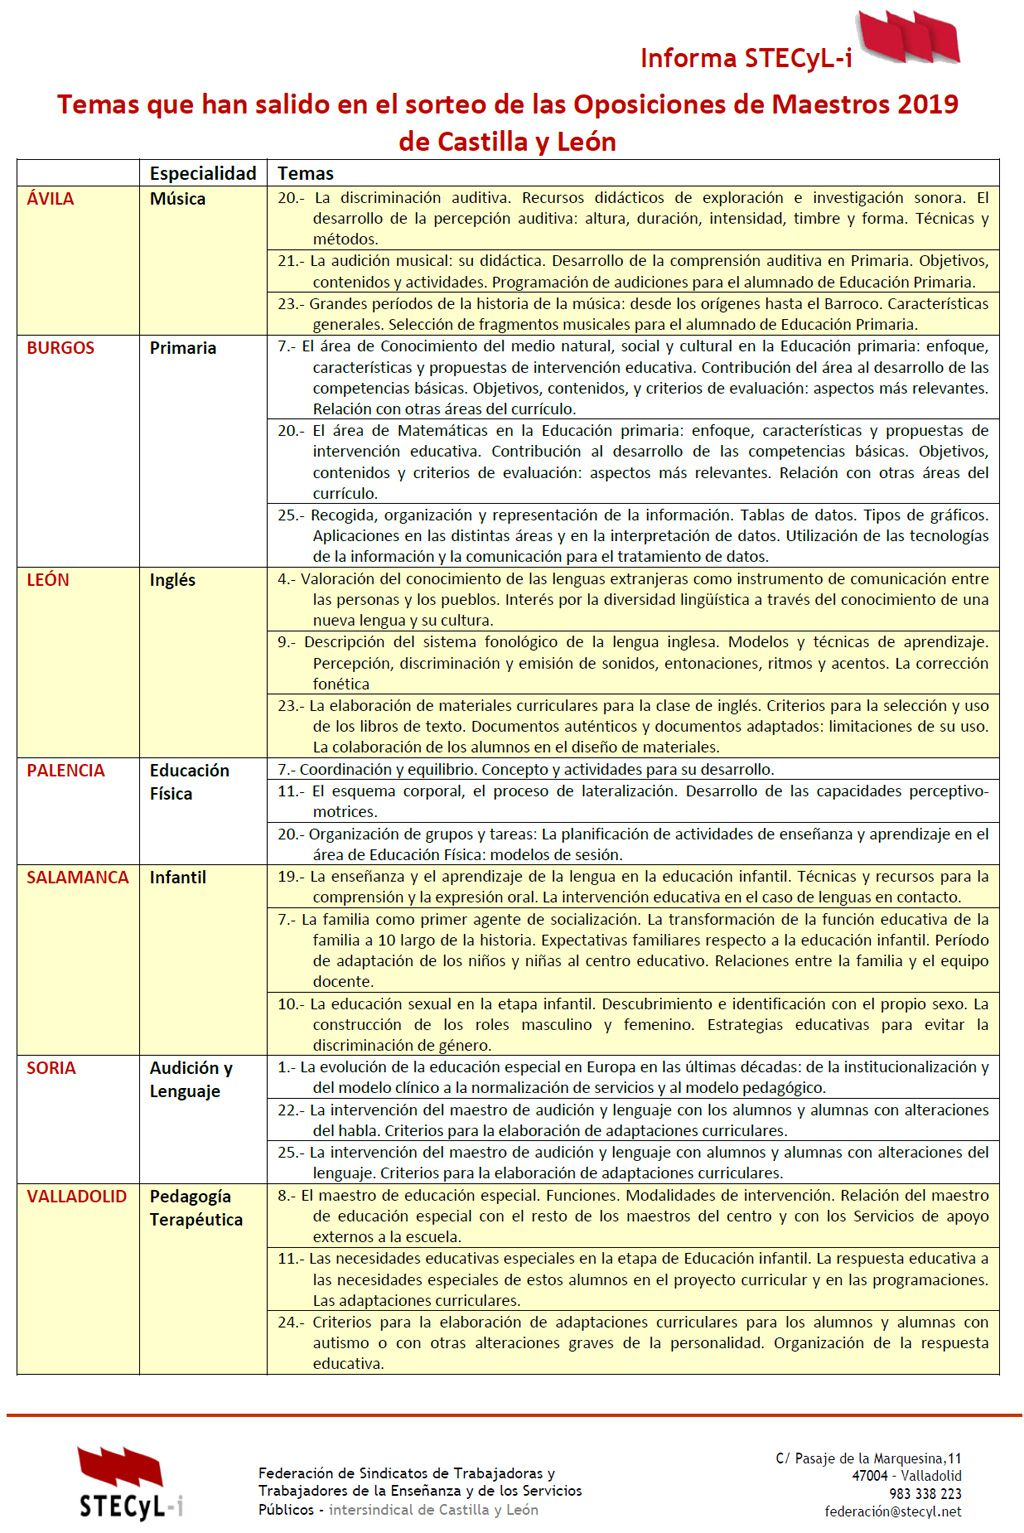 Temas-Oposiciones-Maestros-2019CyL